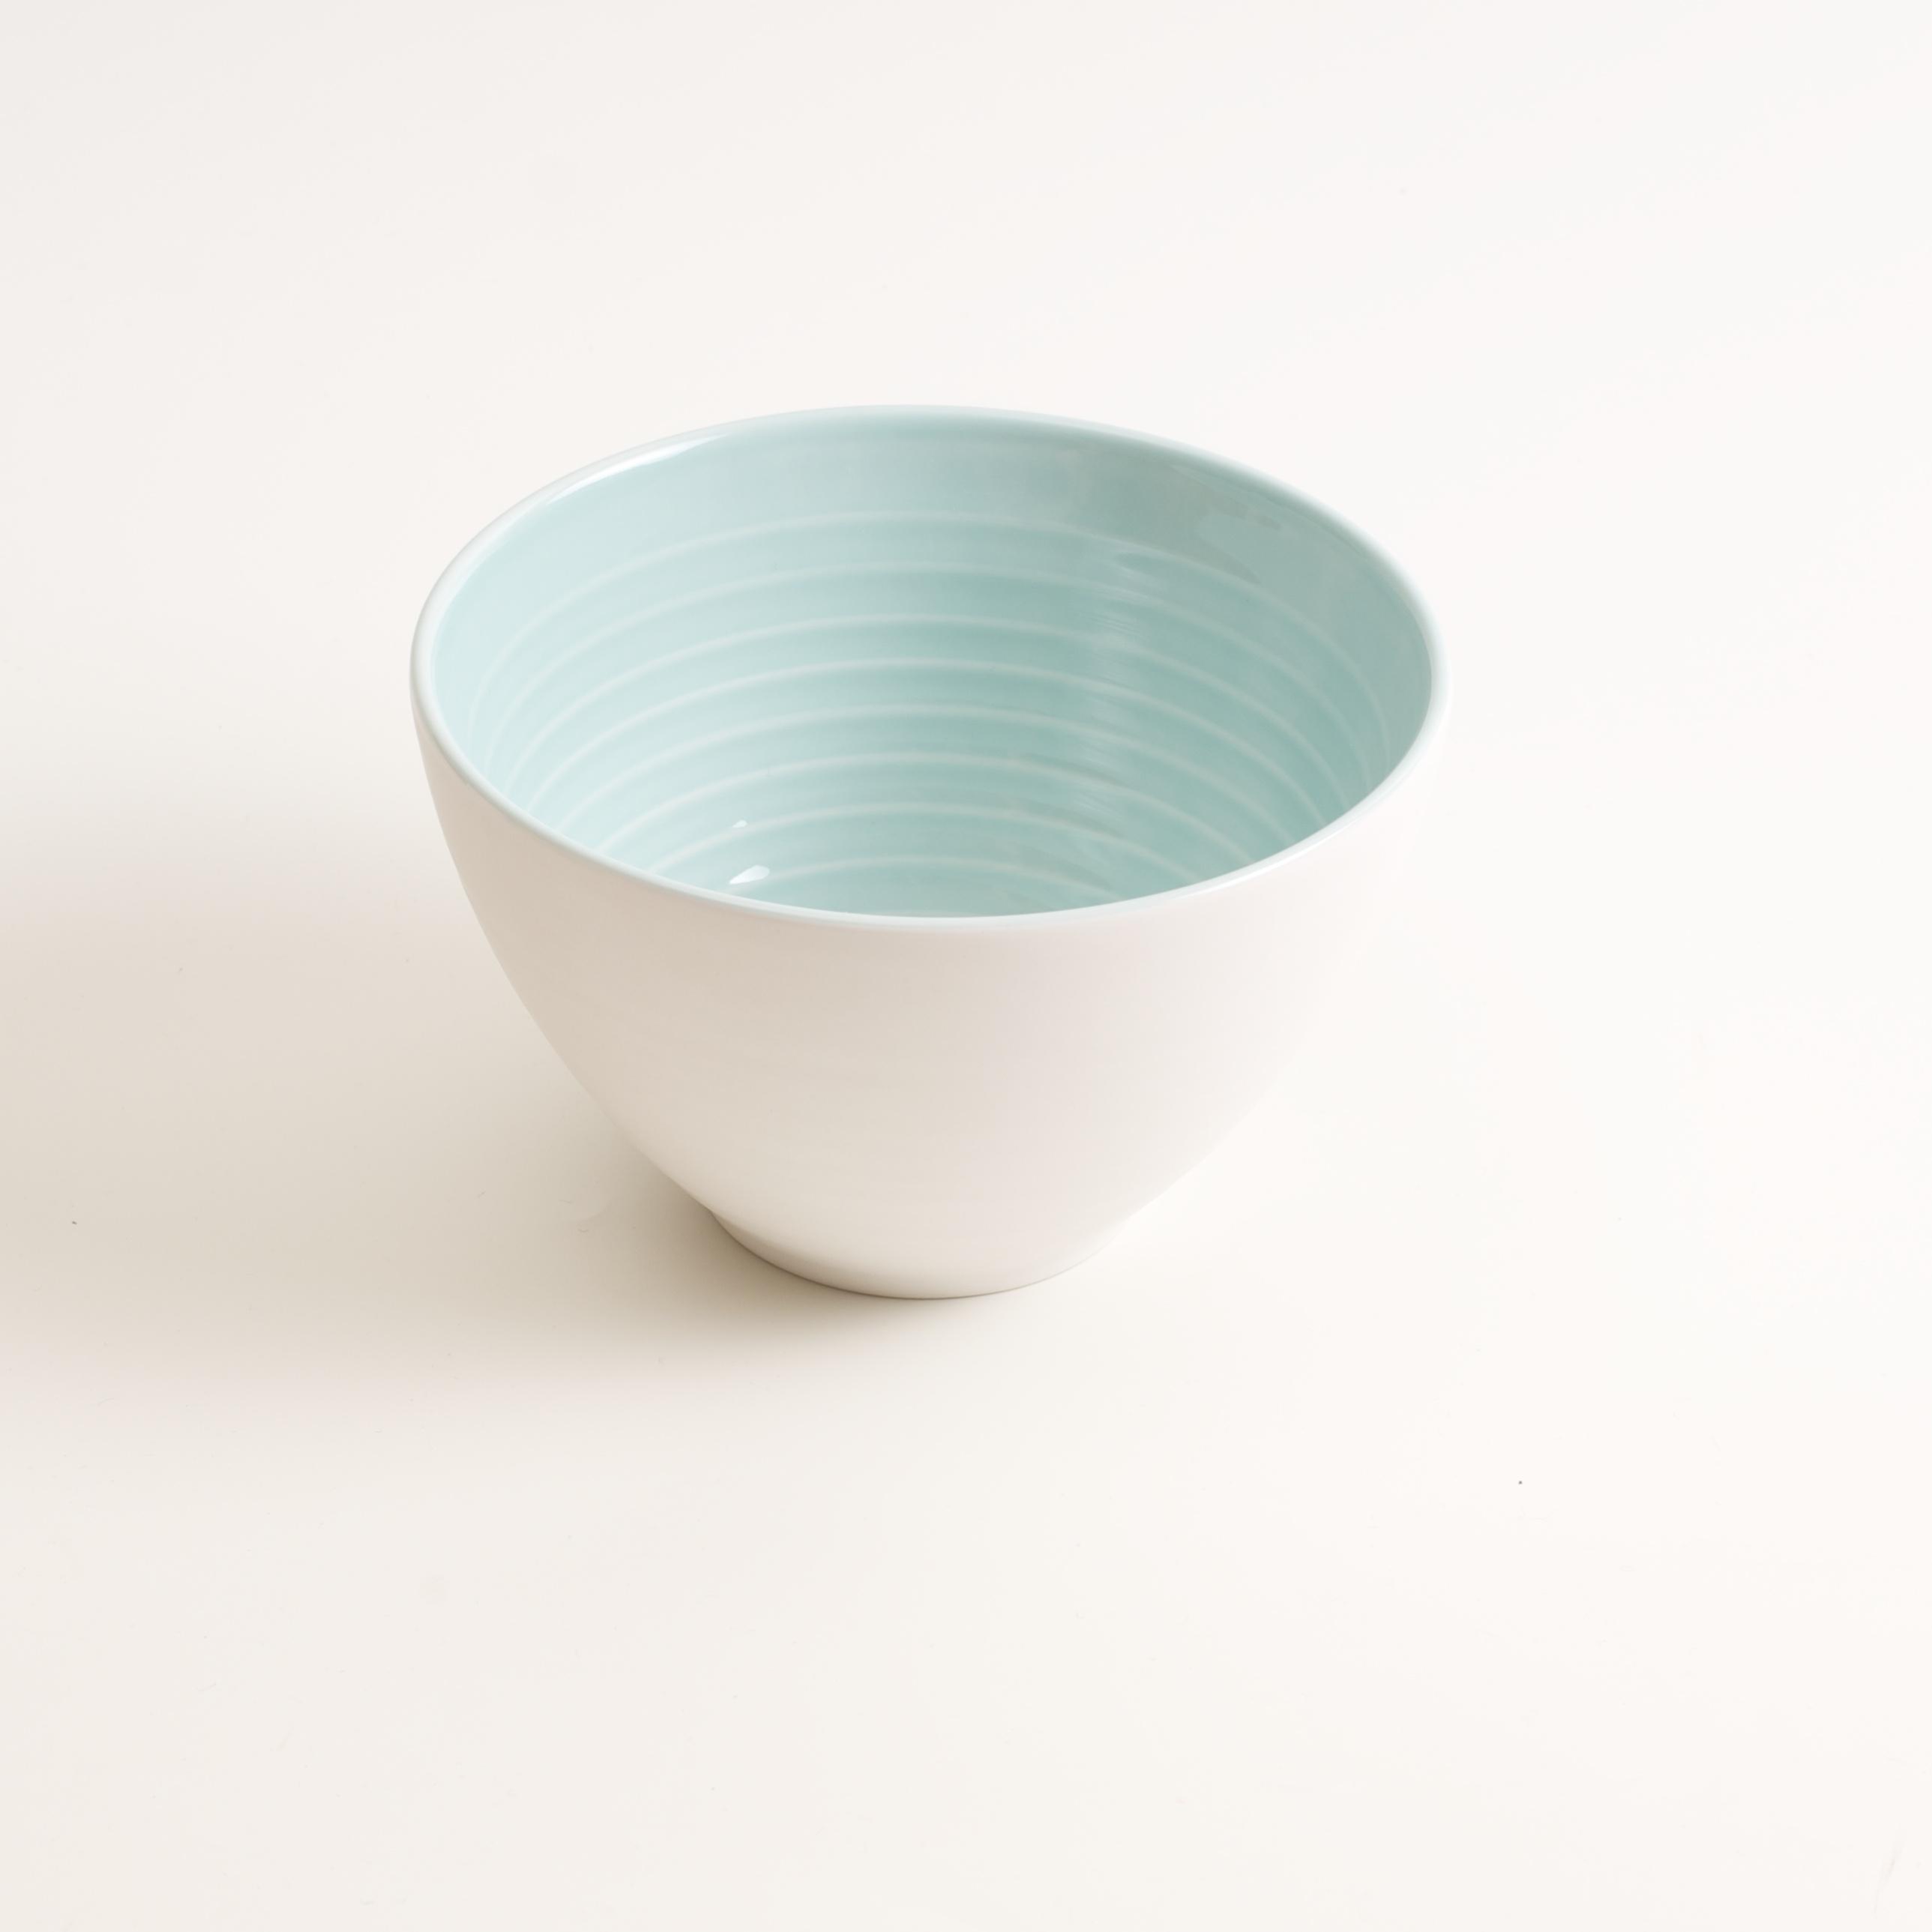 porcelain tableware- made in china- blue bowl- linda bloomfield- porcelain designer- ... & Manufactured bowl   Linda Bloomfield